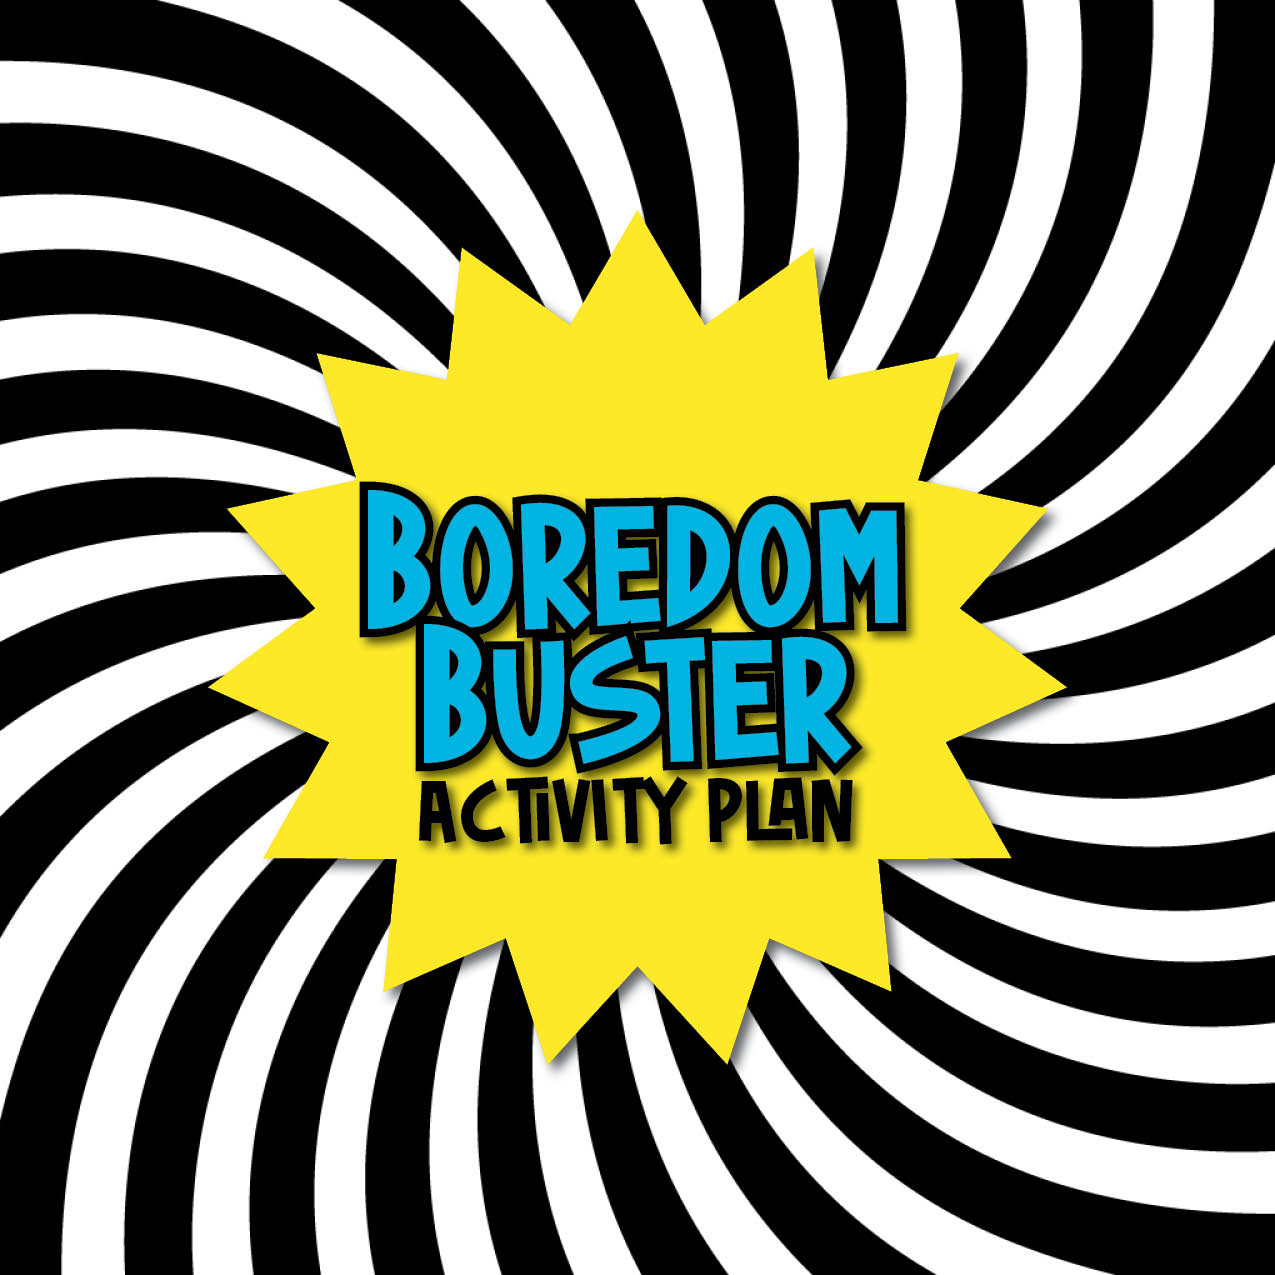 Boredom-Buster-Activity-Plan-Photos